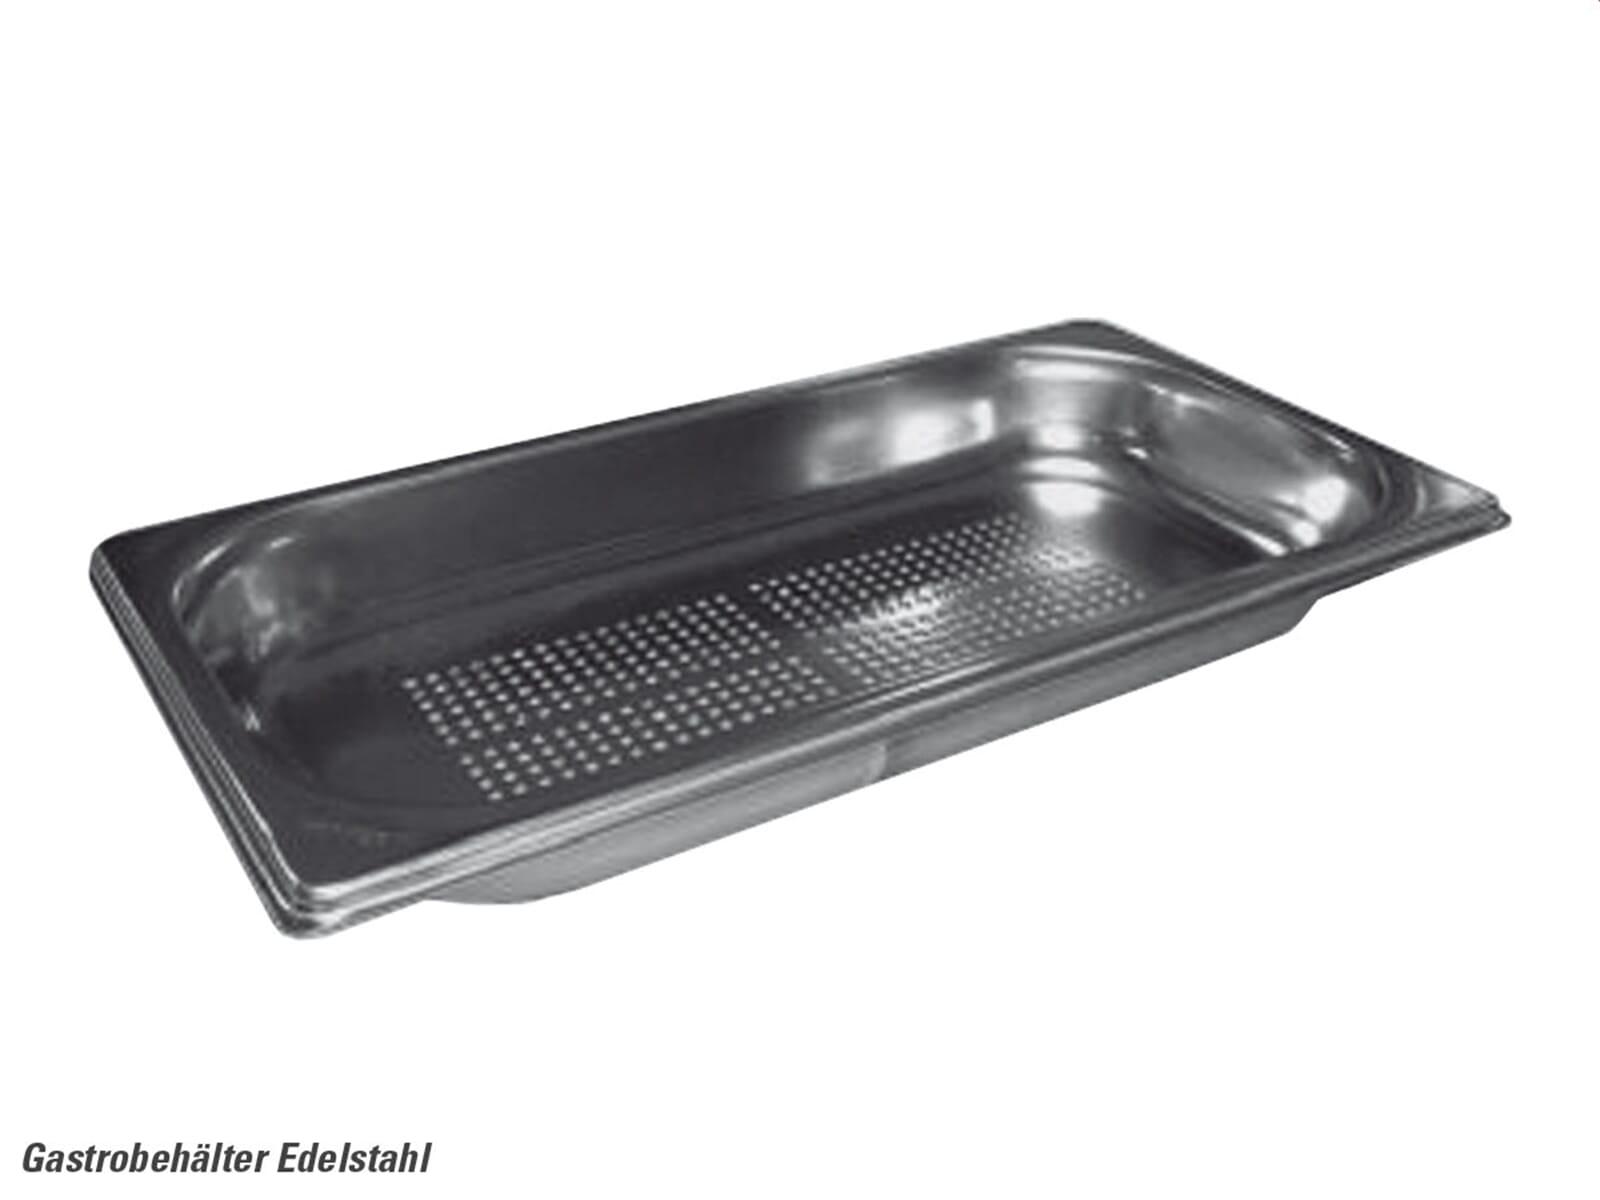 Produktabbildung Gastrobehälter Edelstahl 0836